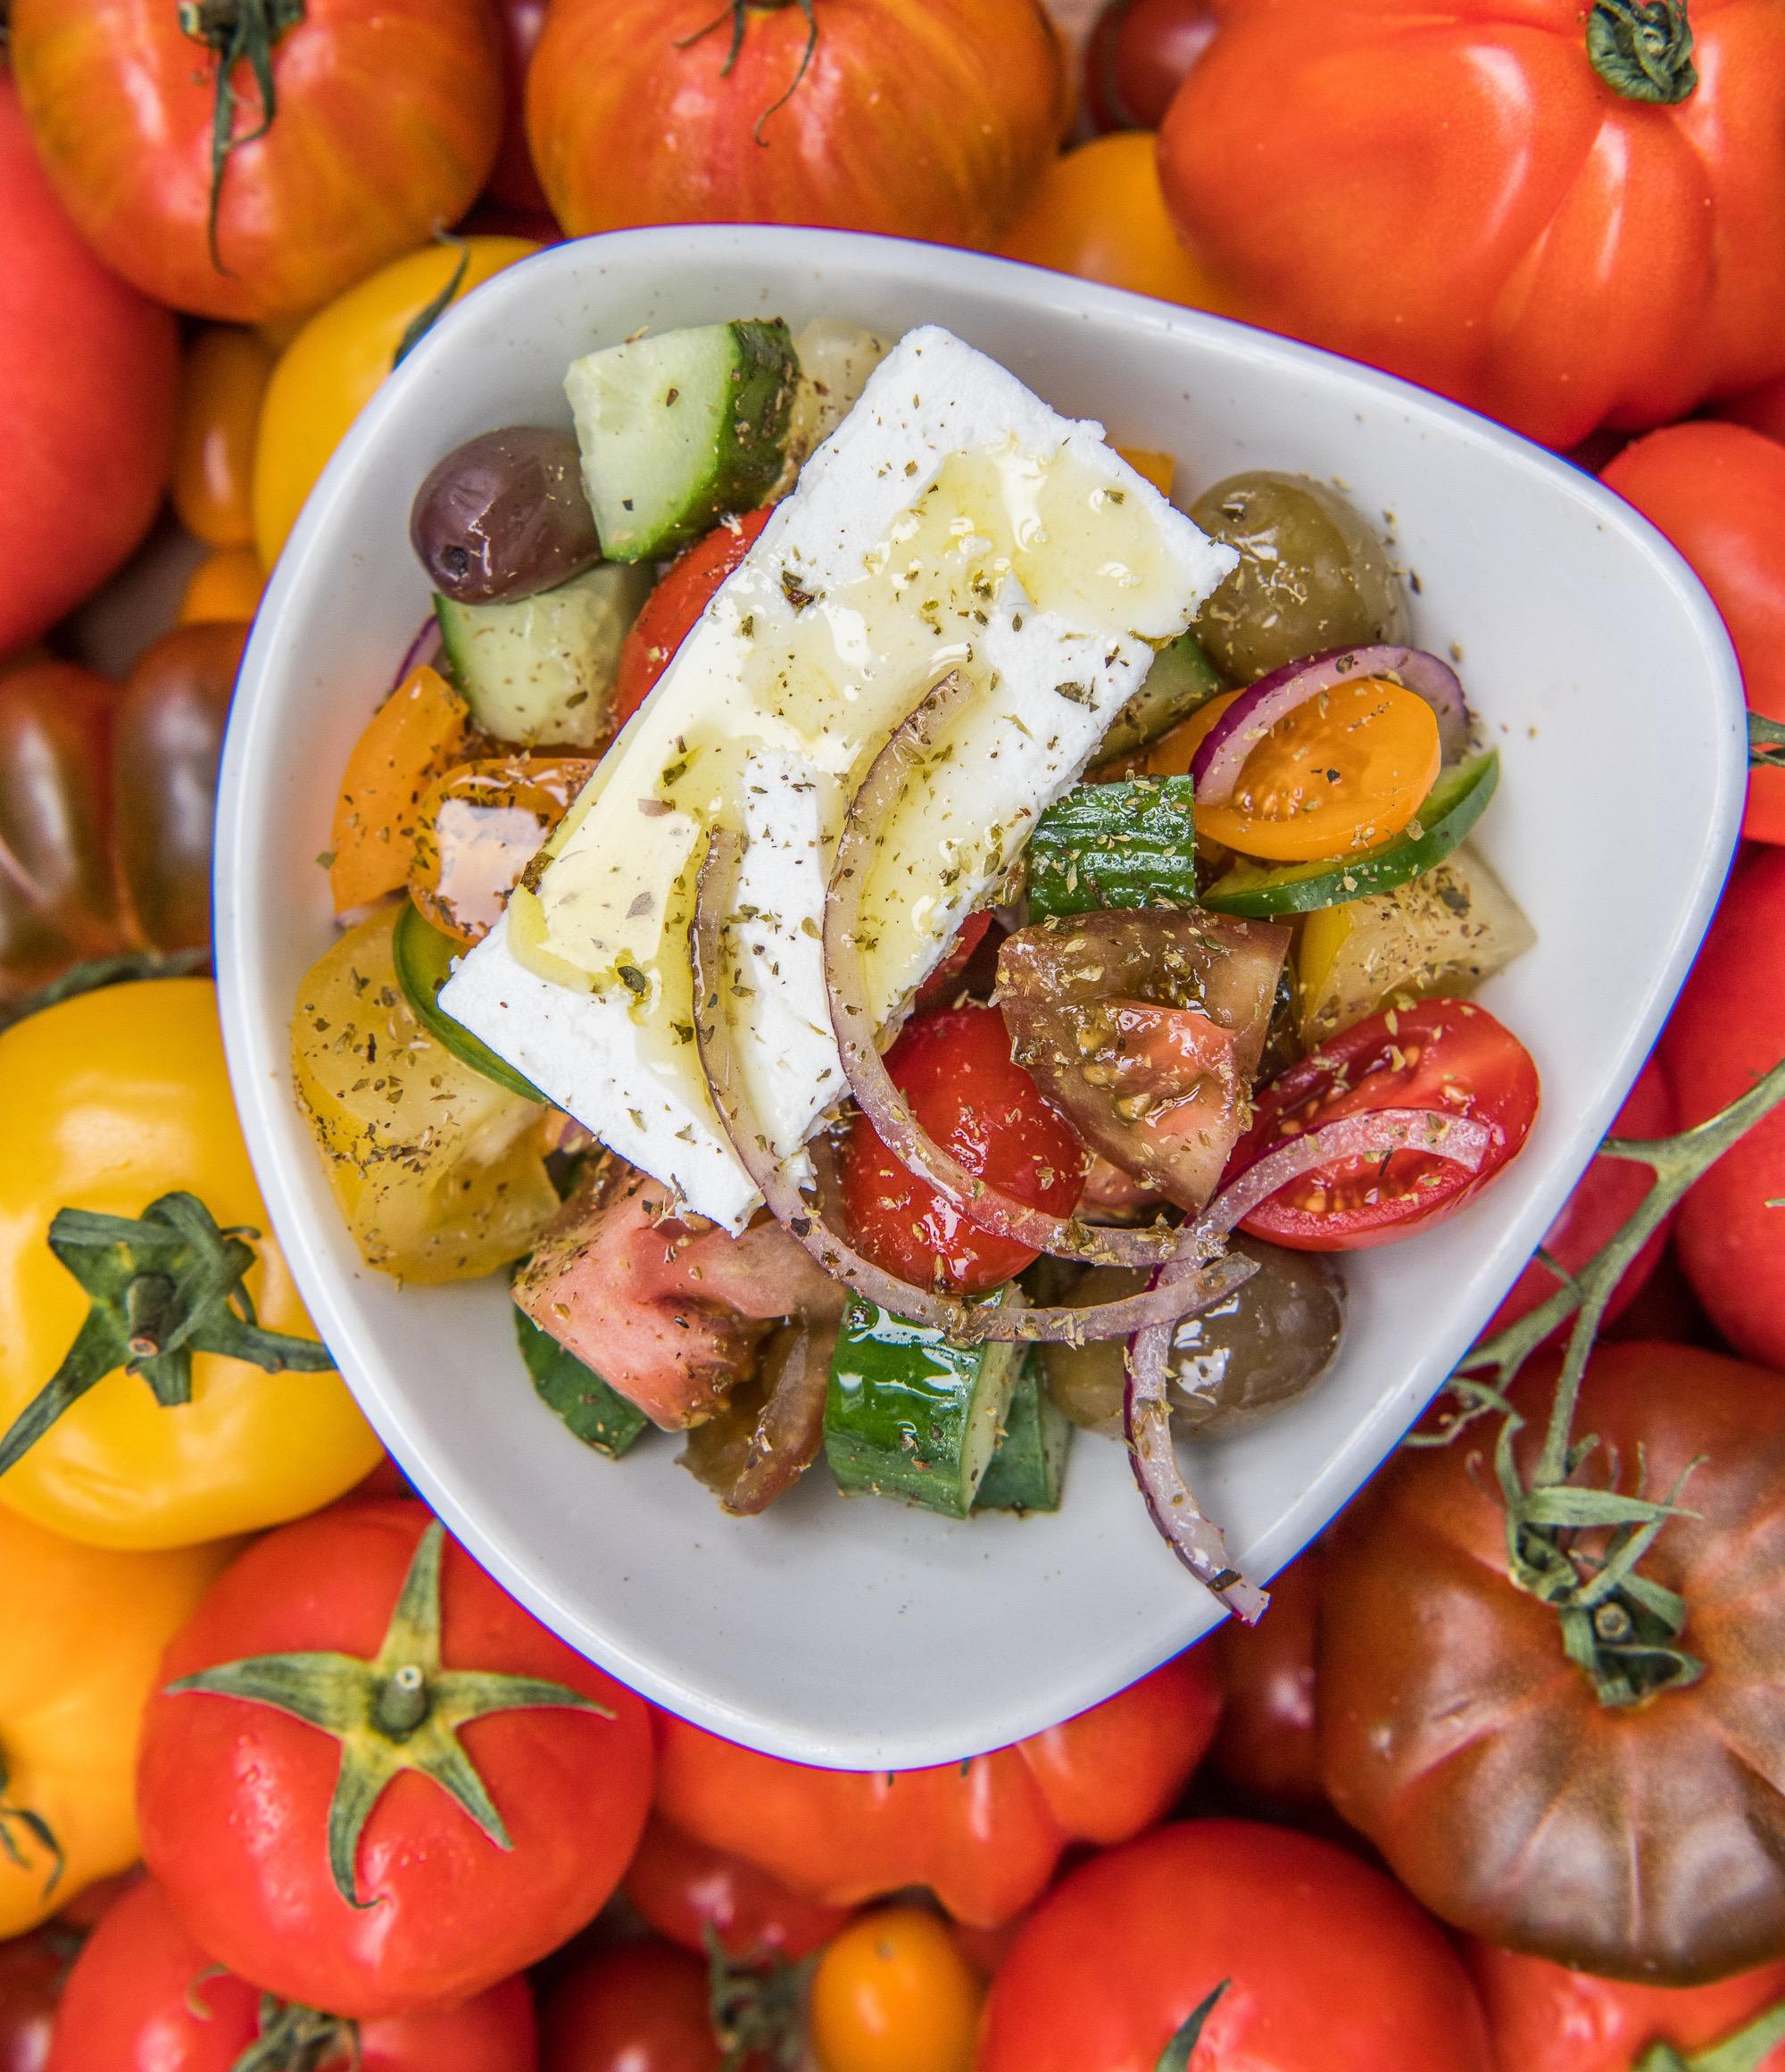 The Real Greek - Greek Food & Ingredients - Isle of Wight Tomatoes